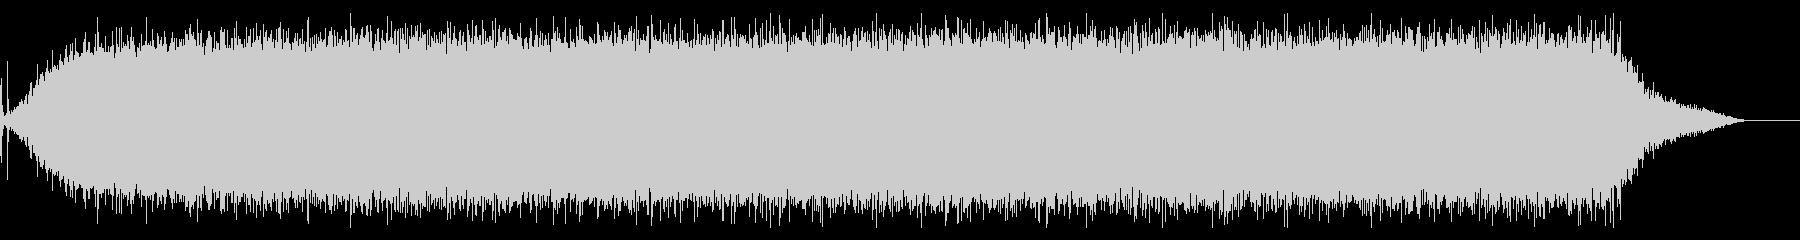 【生録音】ヘアドライヤーの音 2の未再生の波形